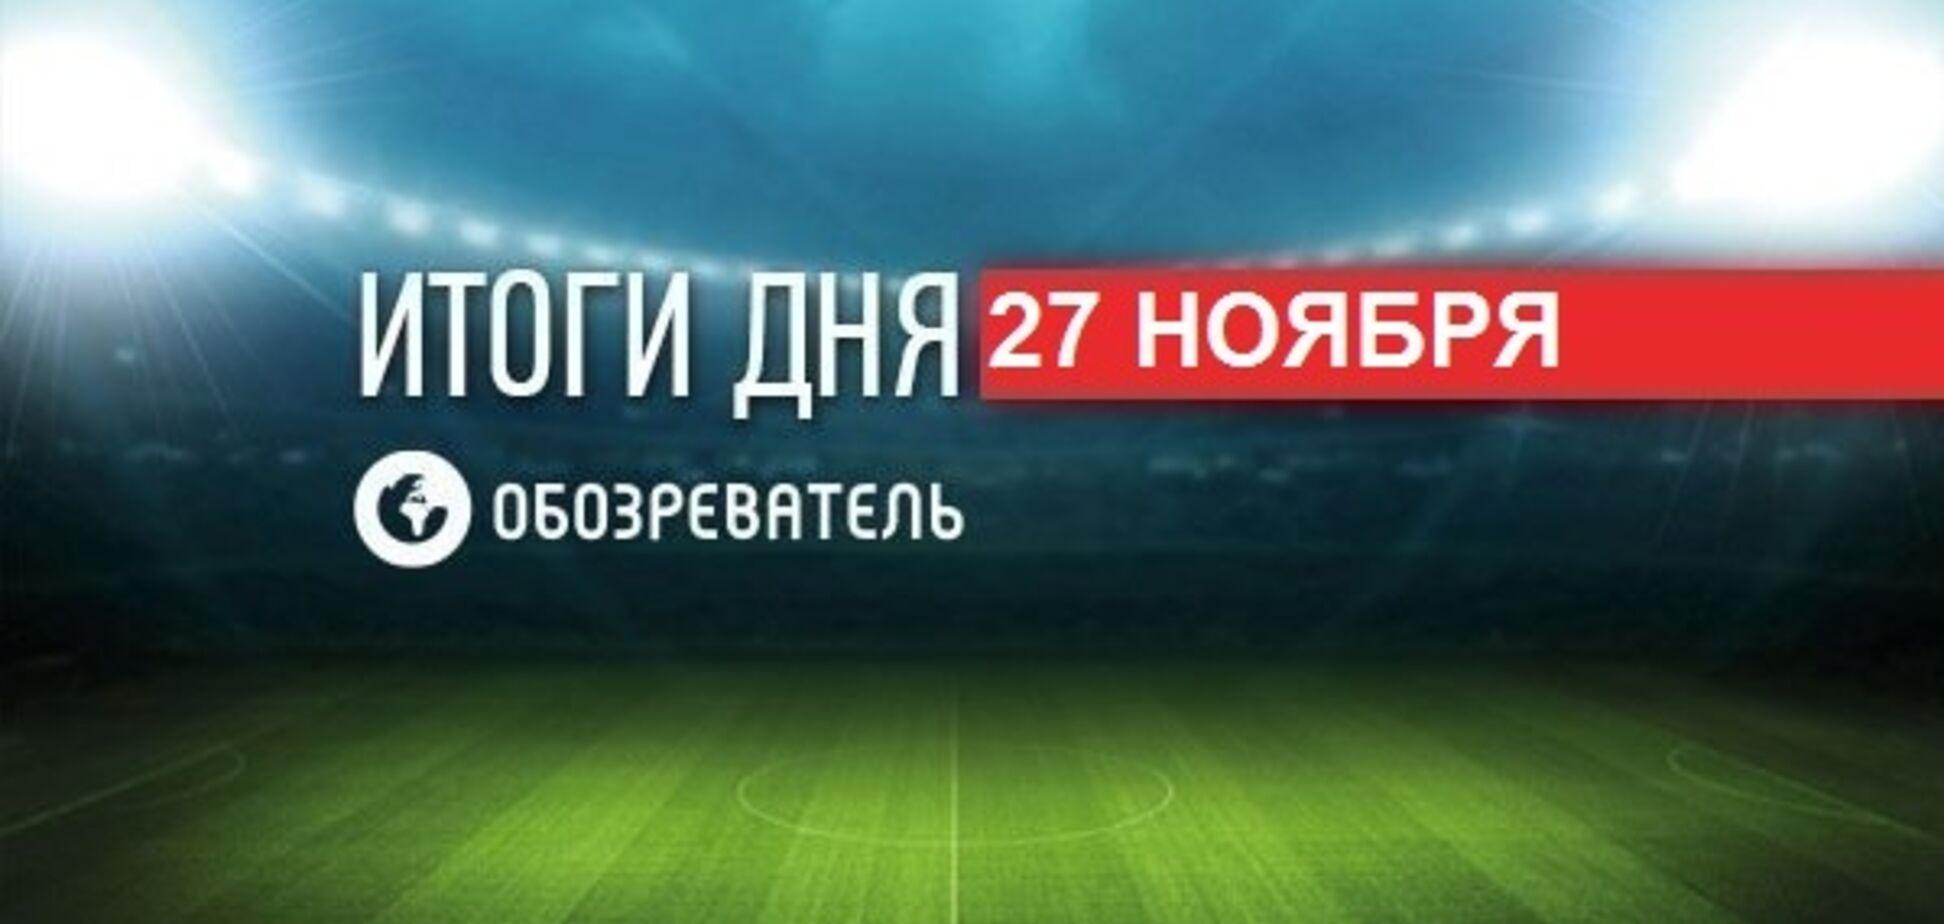 Украинке устроили подставу на ЧМ с флагом России: спортивные итоги 27 ноября